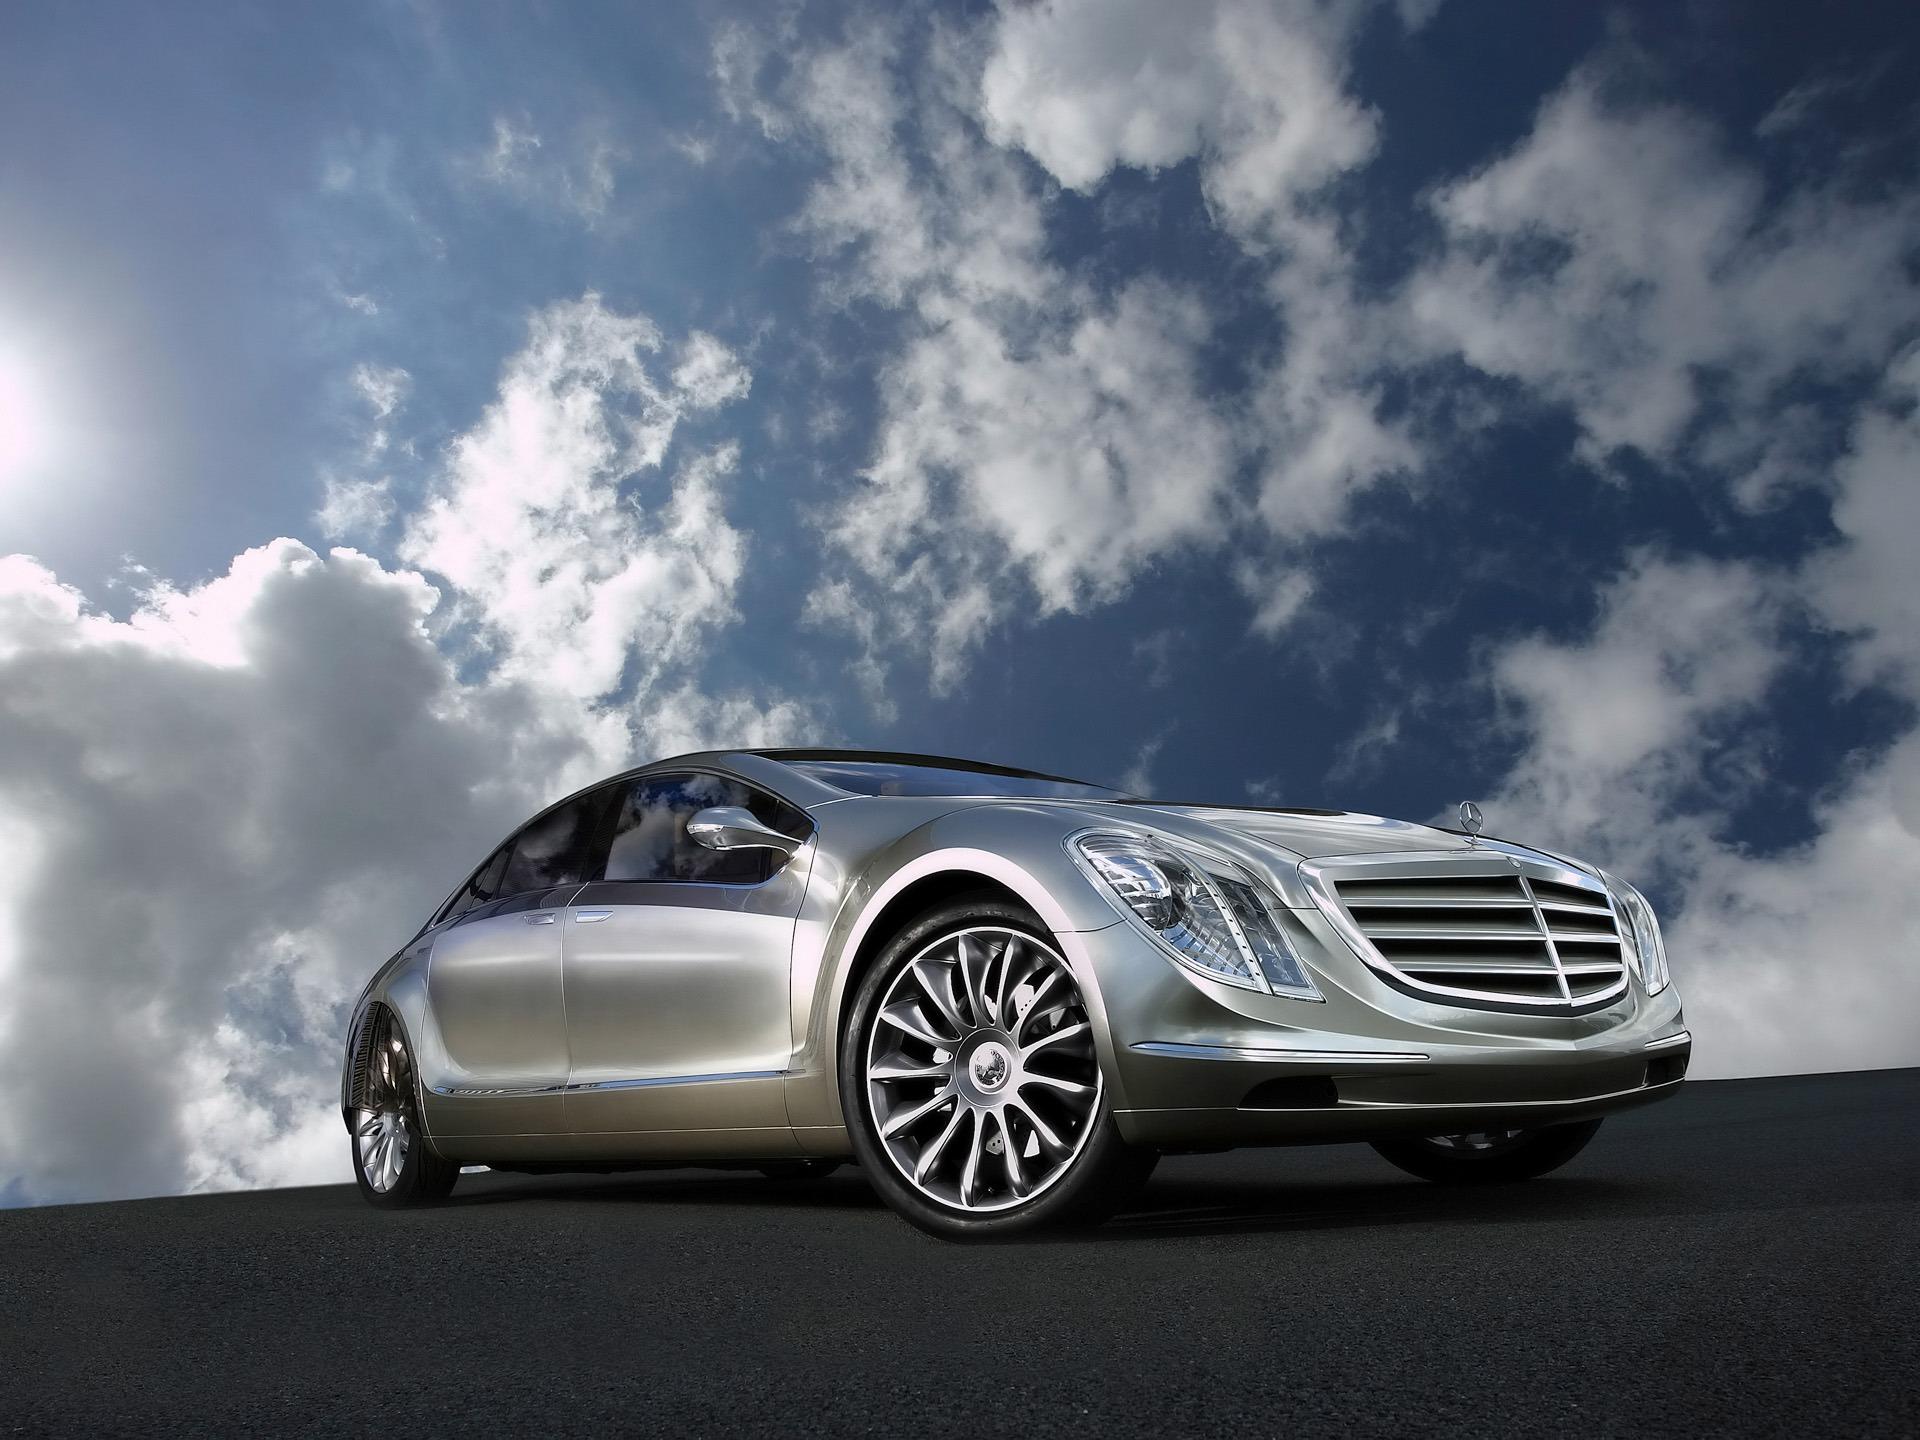 2012 mercedes benz c63 amg car wallpaper wallpaper free download - Mercedes Benz Wallpaper Free Downloads Wallpaper With 1920x1440